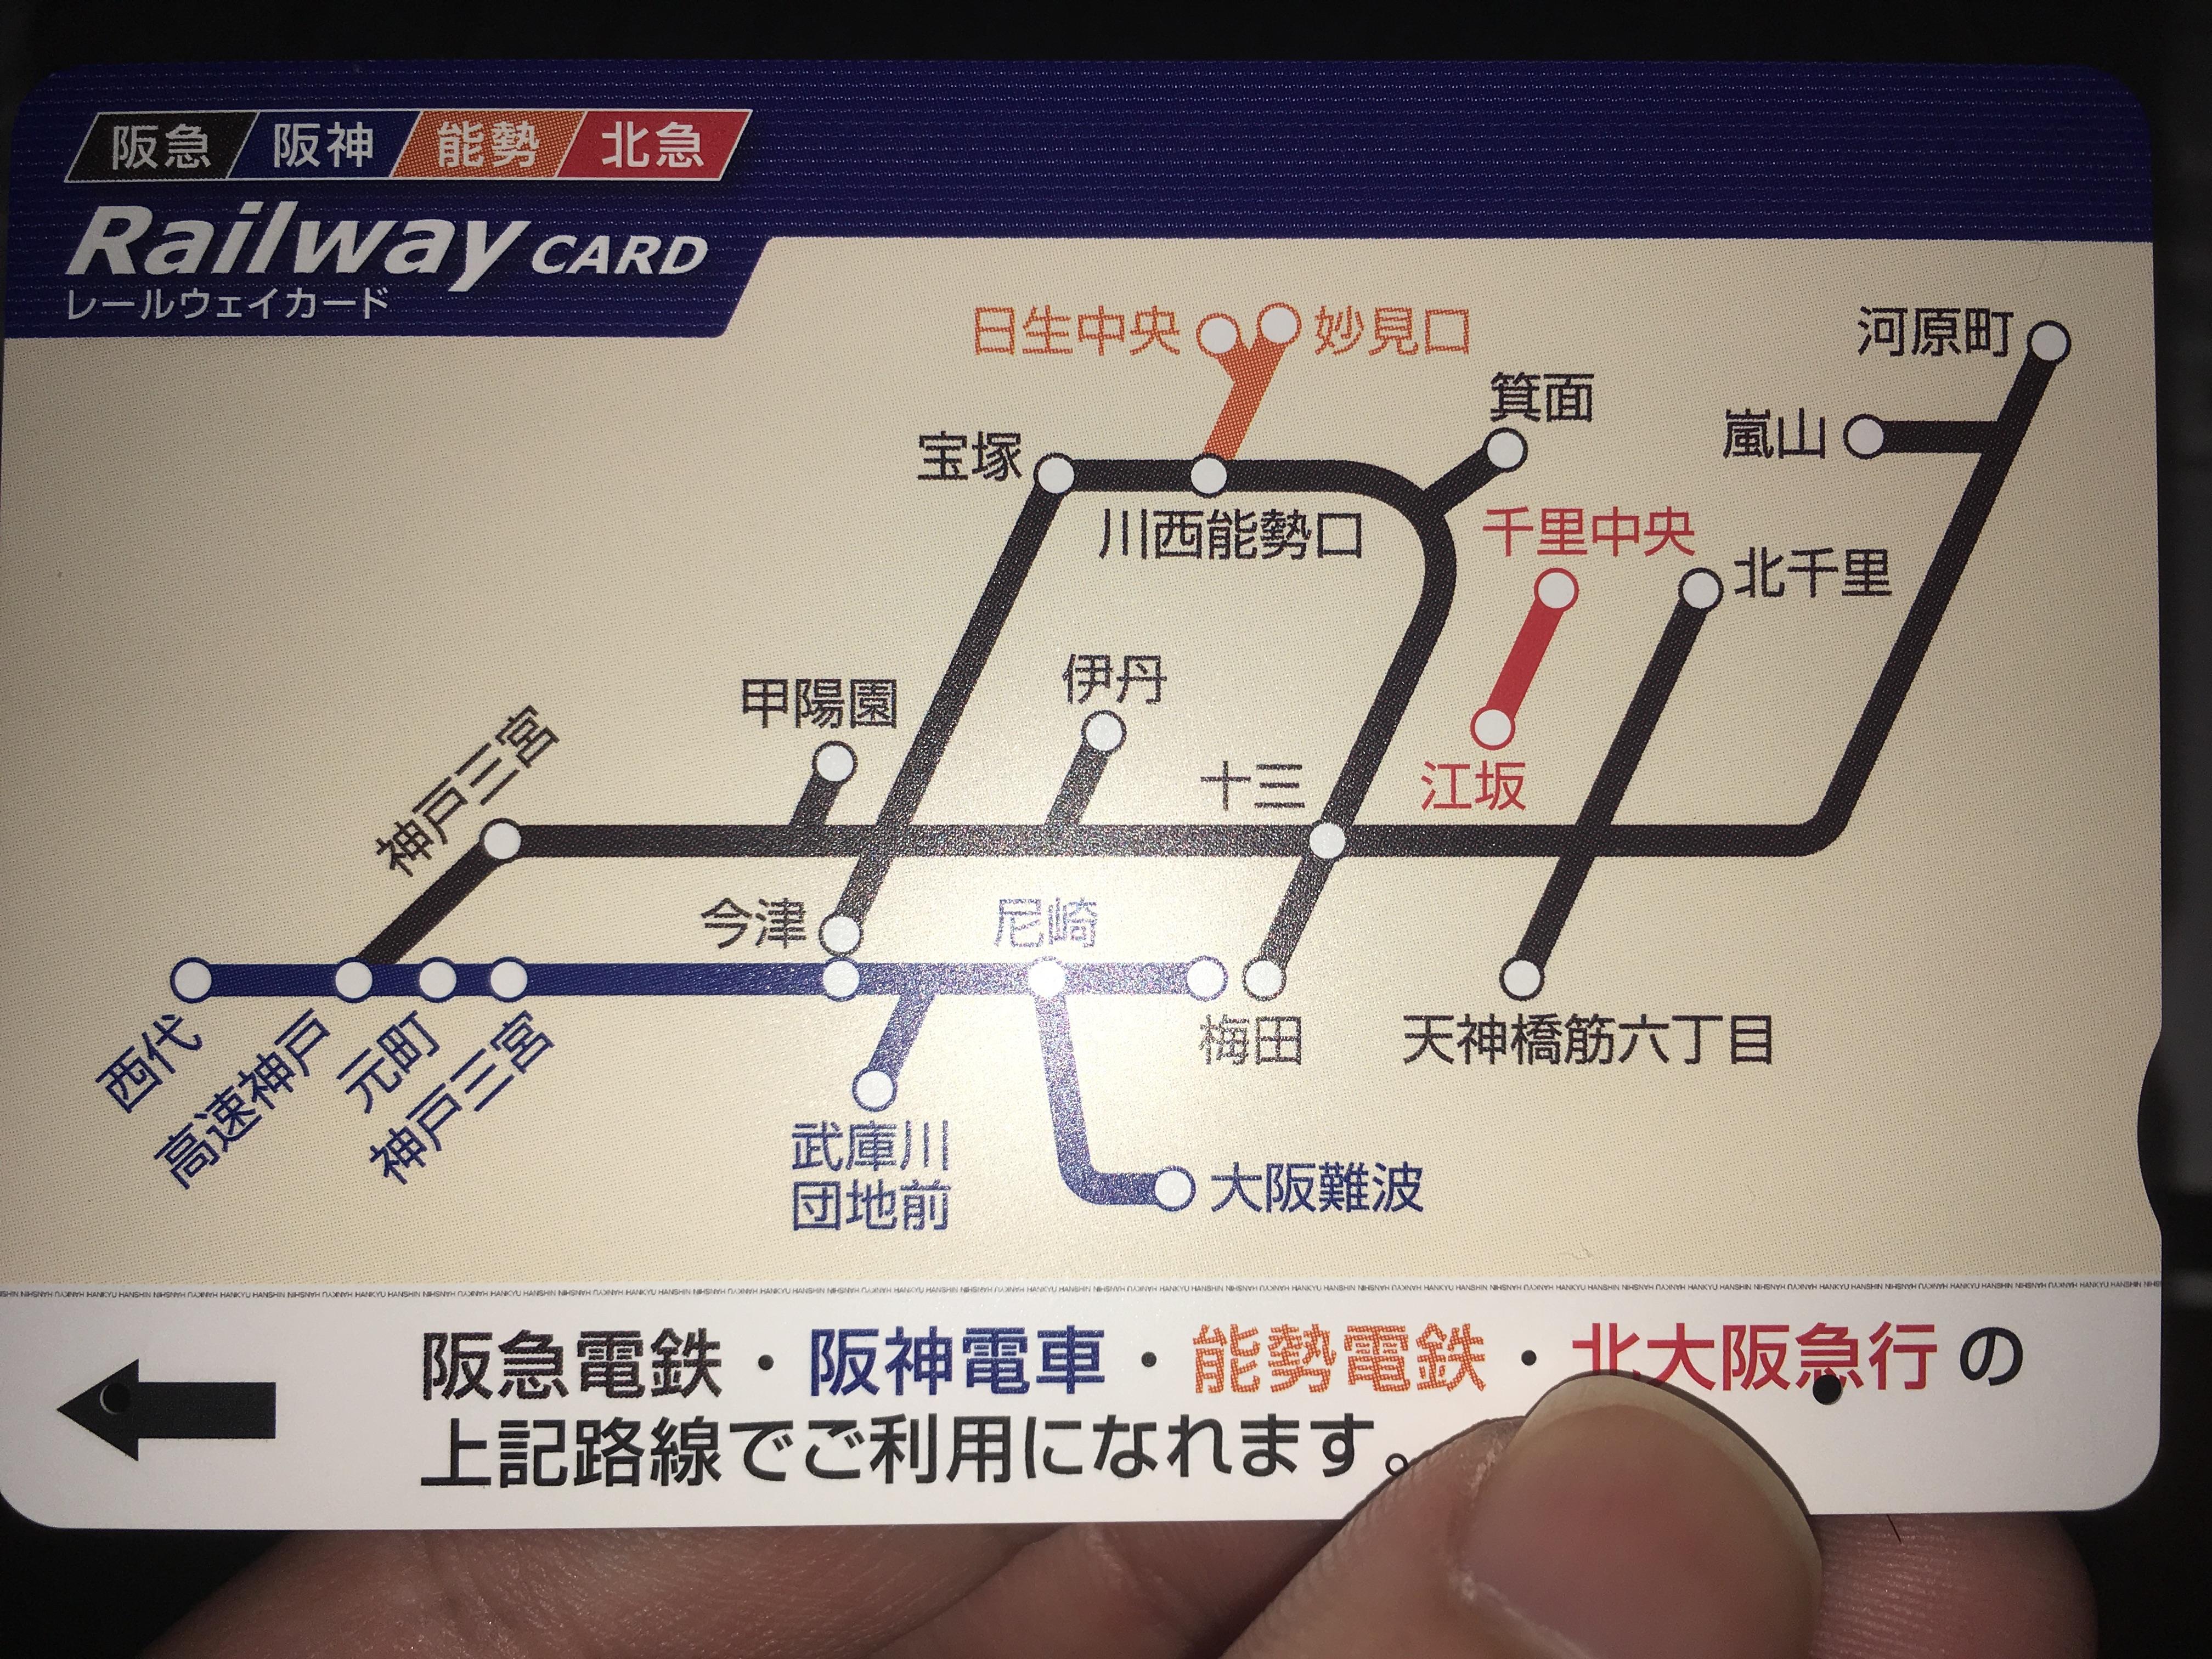 レールウェイカード阪神